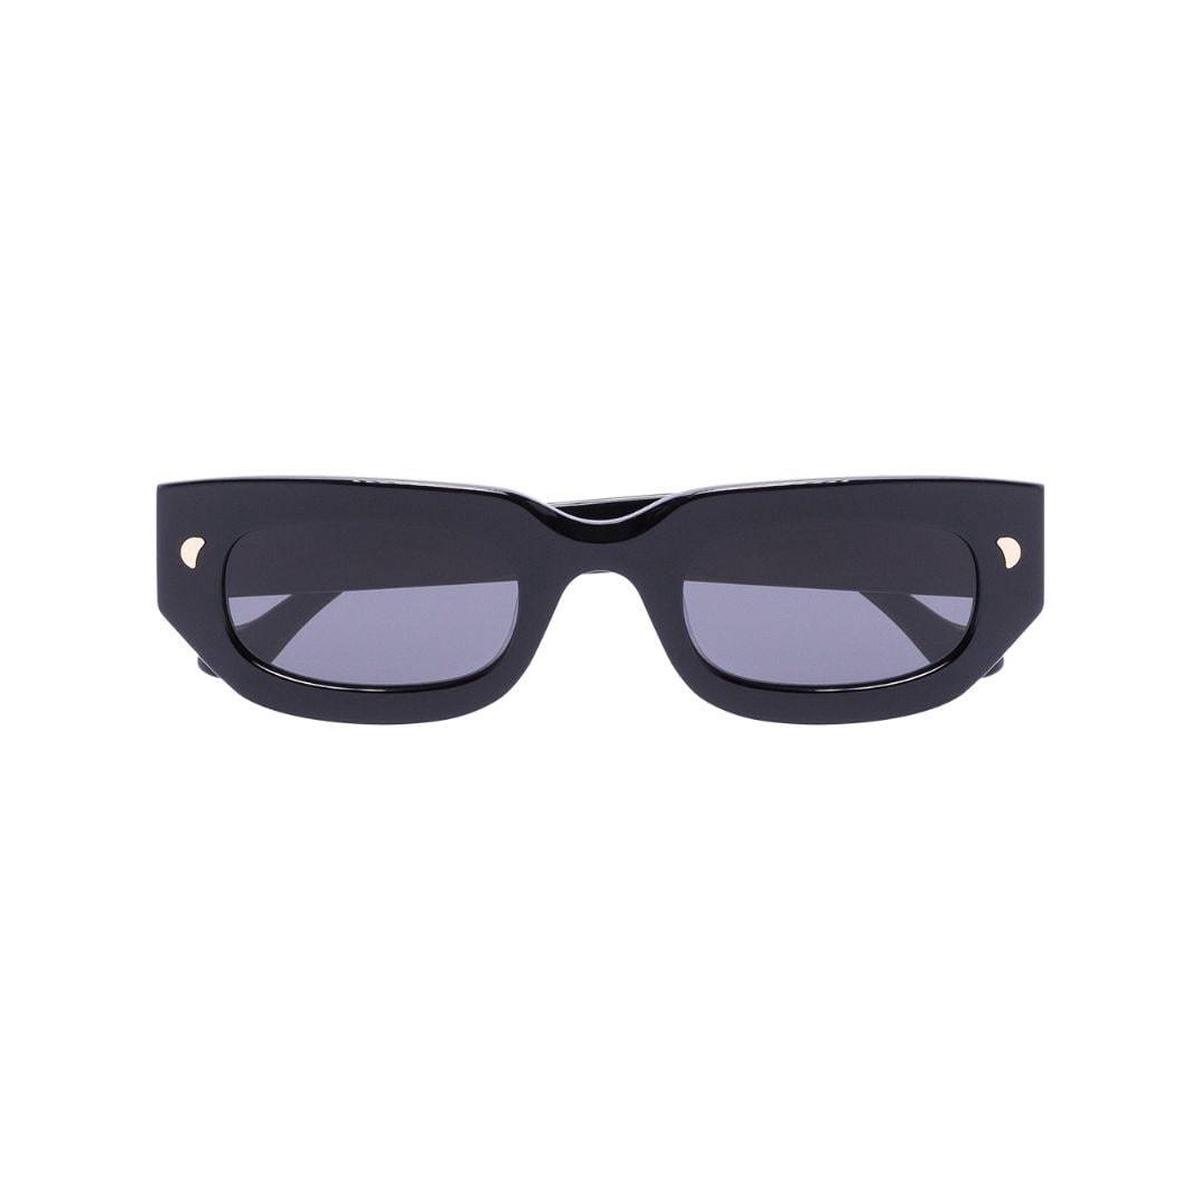 代购Nanushka Kadee 长方形镜框太阳眼镜女2021新款奢侈品